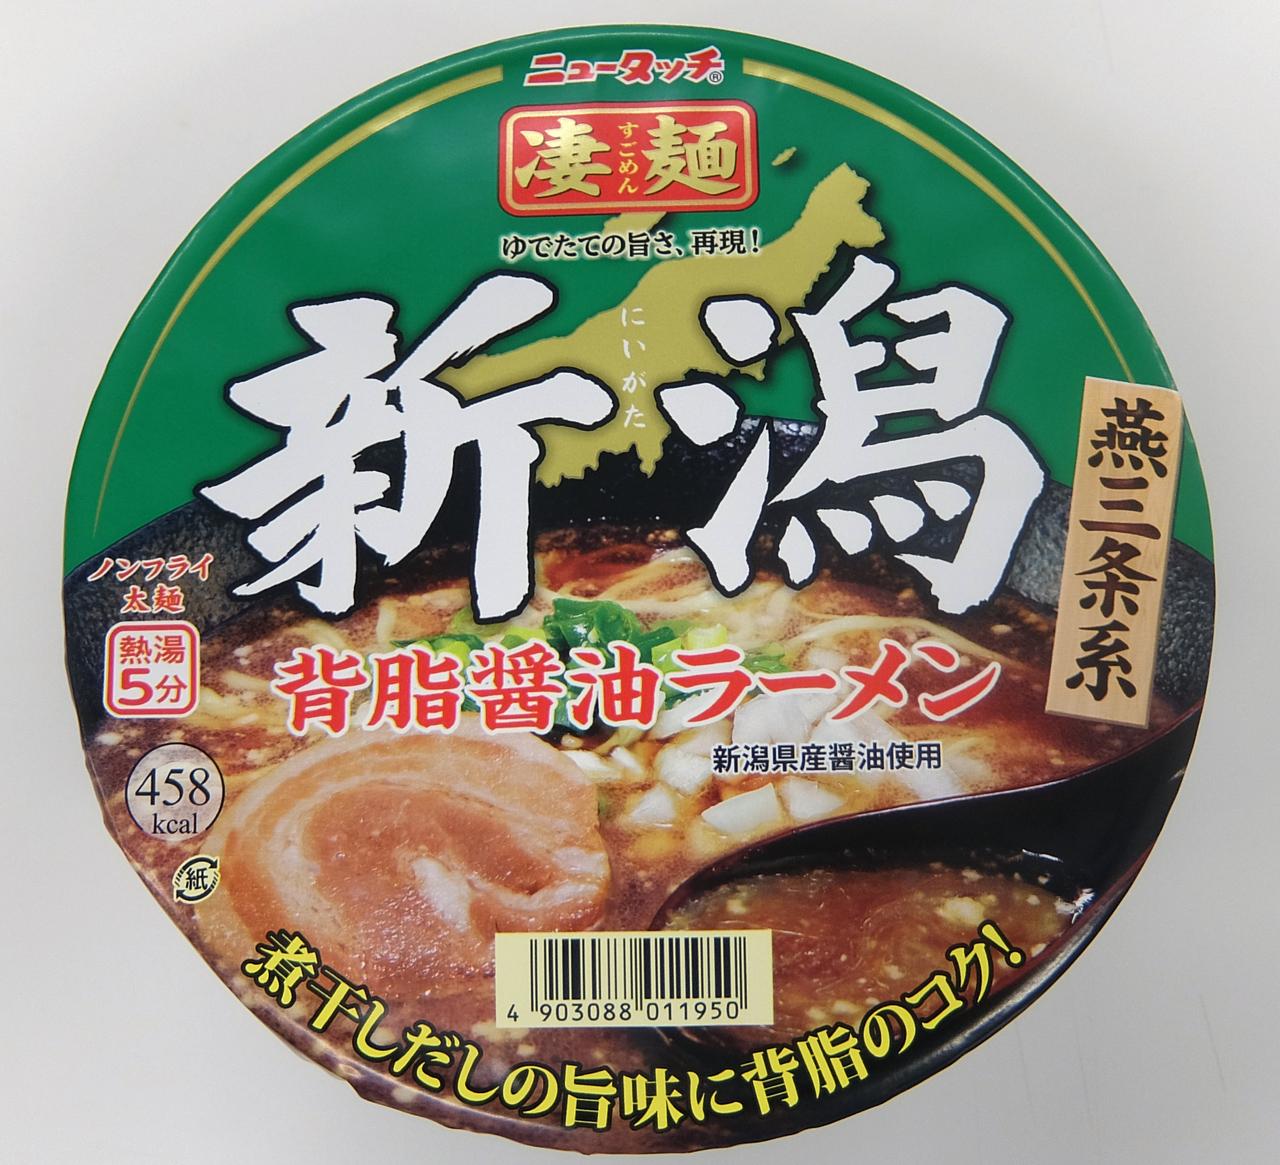 麺 ニュー タッチ 凄